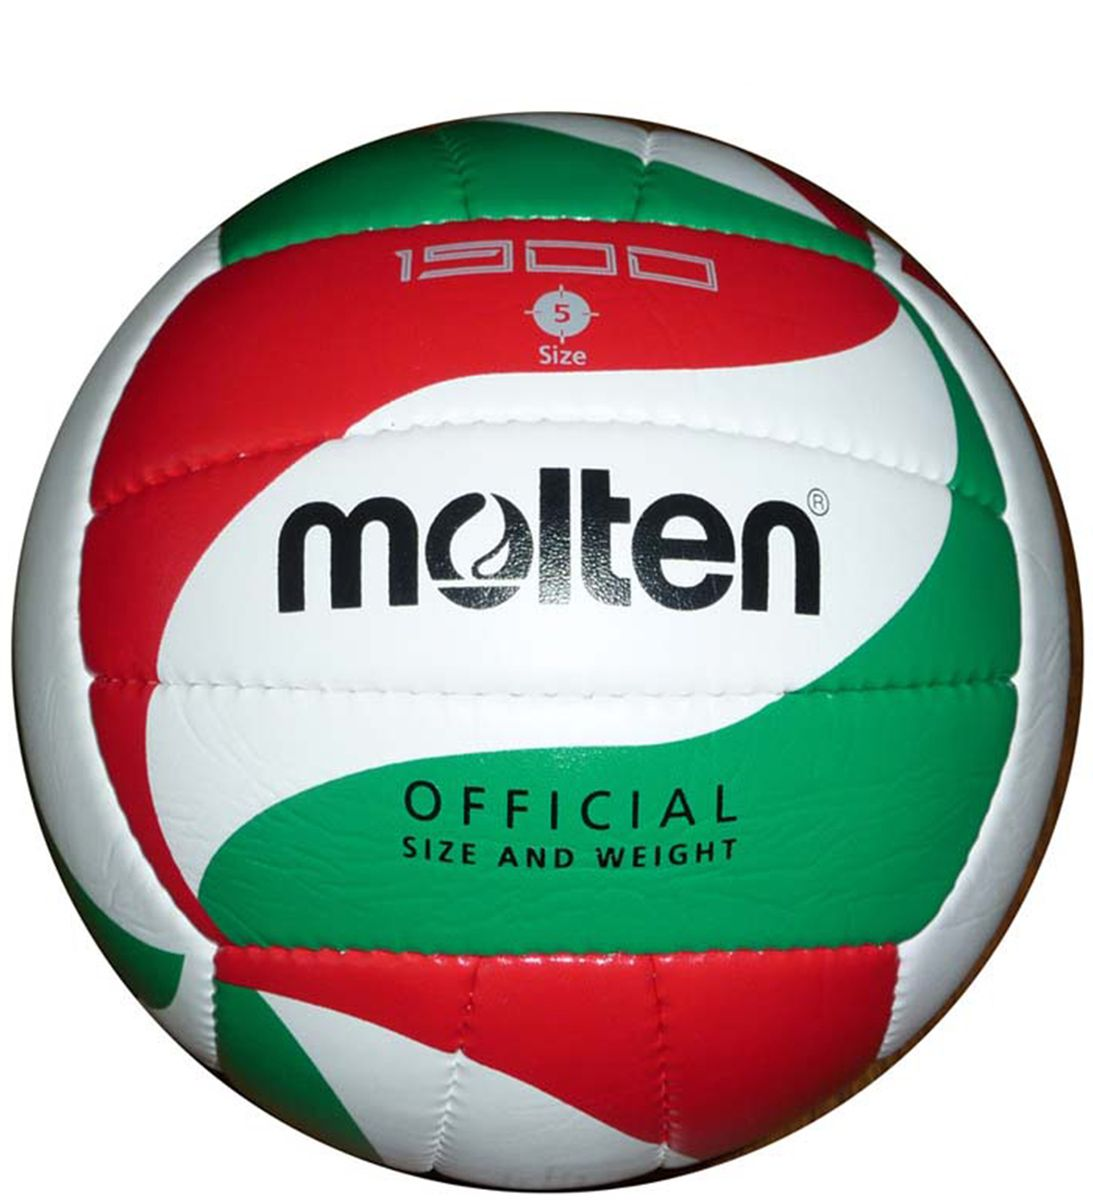 Мяч волейбольный Molten. Размер 5. V5M1900V5M1900Волейбольный мяч Molten утверждён и одобрен FIBA. Мяч выполнен из синтетической кожи (поливинилхлор) и имеет 2 подкладочных слоя. Внутренняя камера выполнена из бутила.